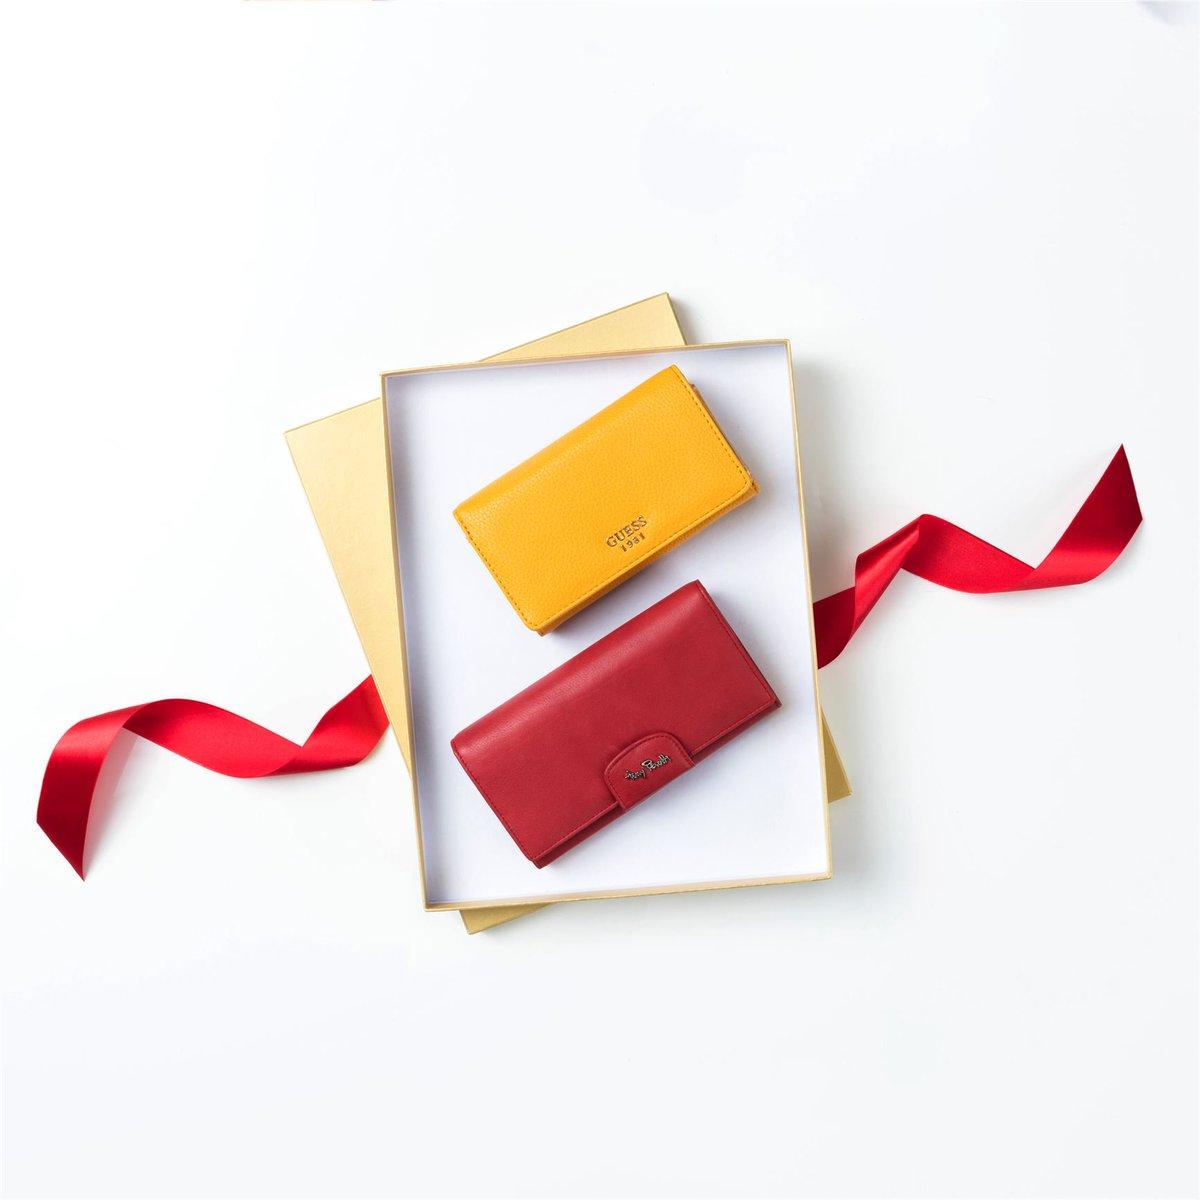 Подарок для неё: портмоне от Guess или Tony Perotti #хц #подарокна8марта #женскиепортмоне #женскийкошелёк #чтокупитьна8марта #Guess #TonyPerpic.twitter.com/vDen4ucIKv